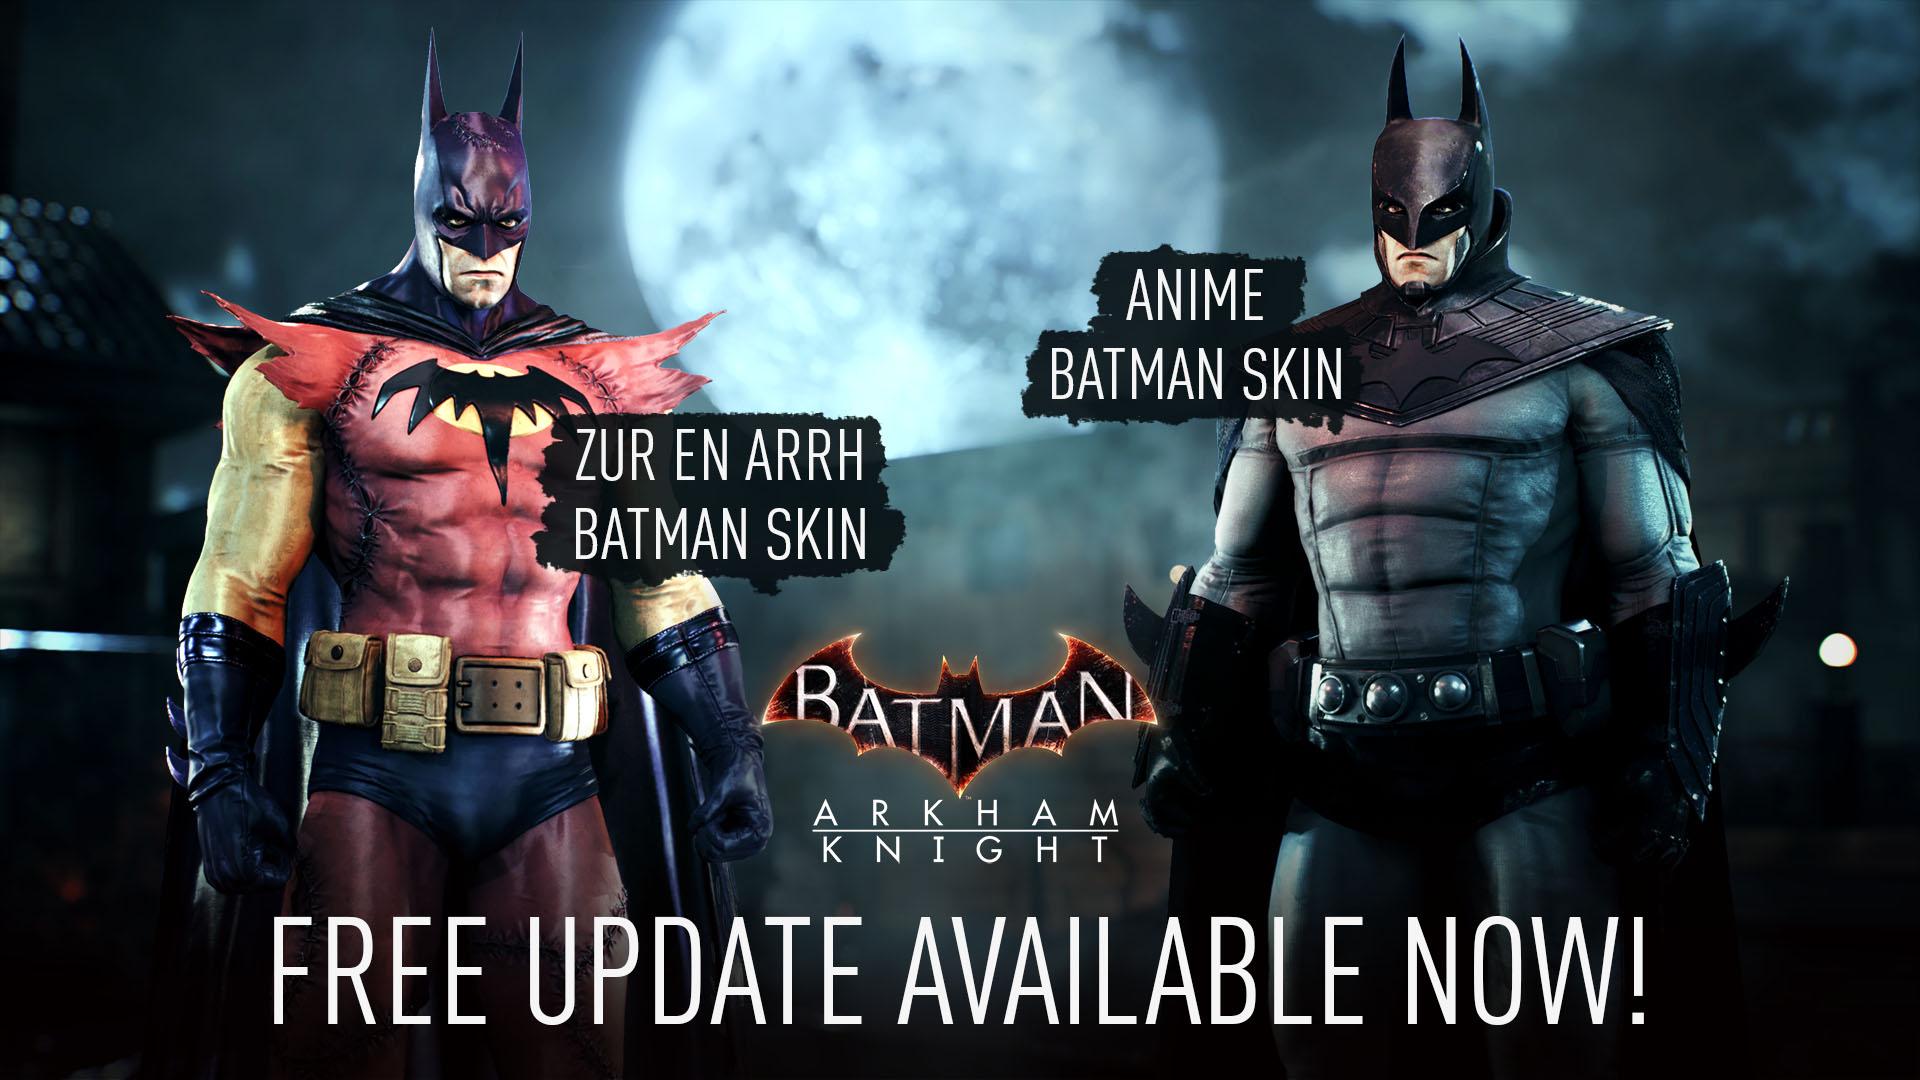 Steam《蝙蝠侠:阿卡姆骑士》移除D加密 新增两款皮肤